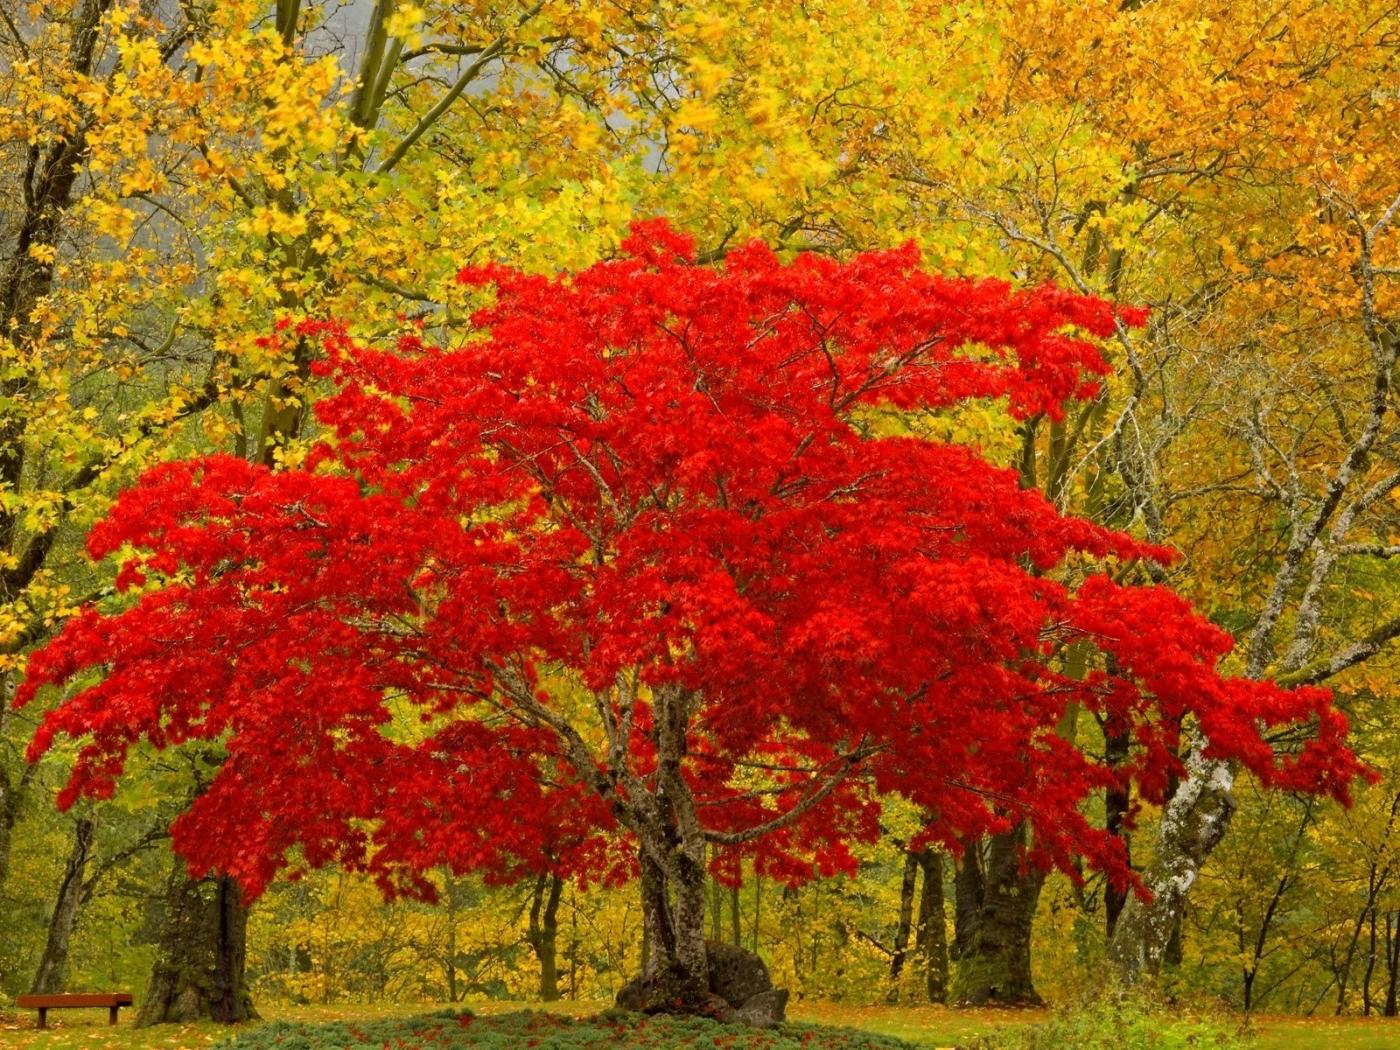 25056 скачать обои Пейзаж, Деревья, Осень - заставки и картинки бесплатно